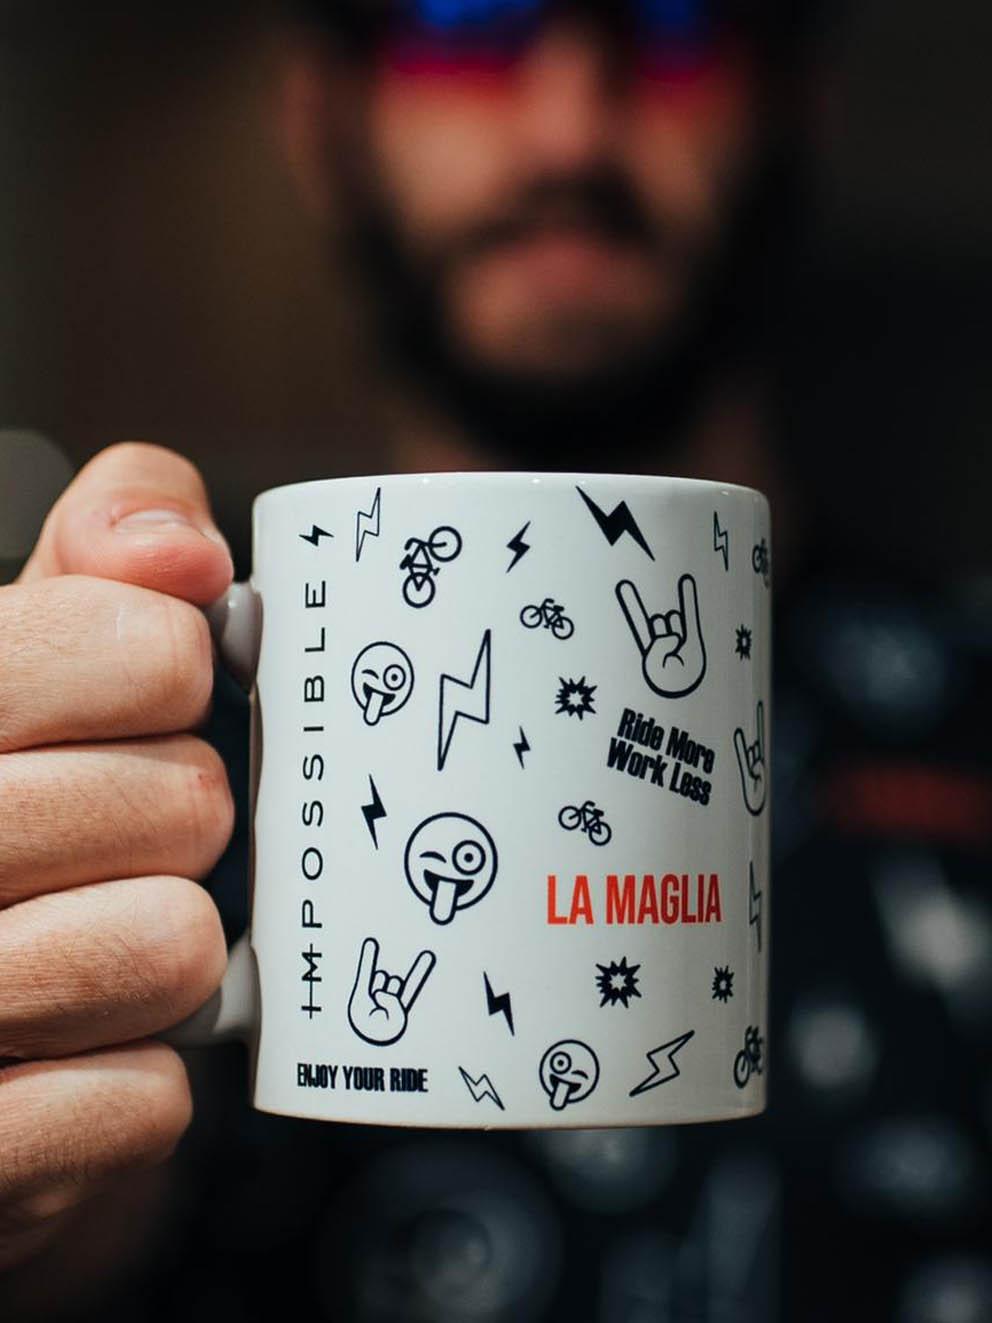 CANECA LA MAGLIA PERRELLA